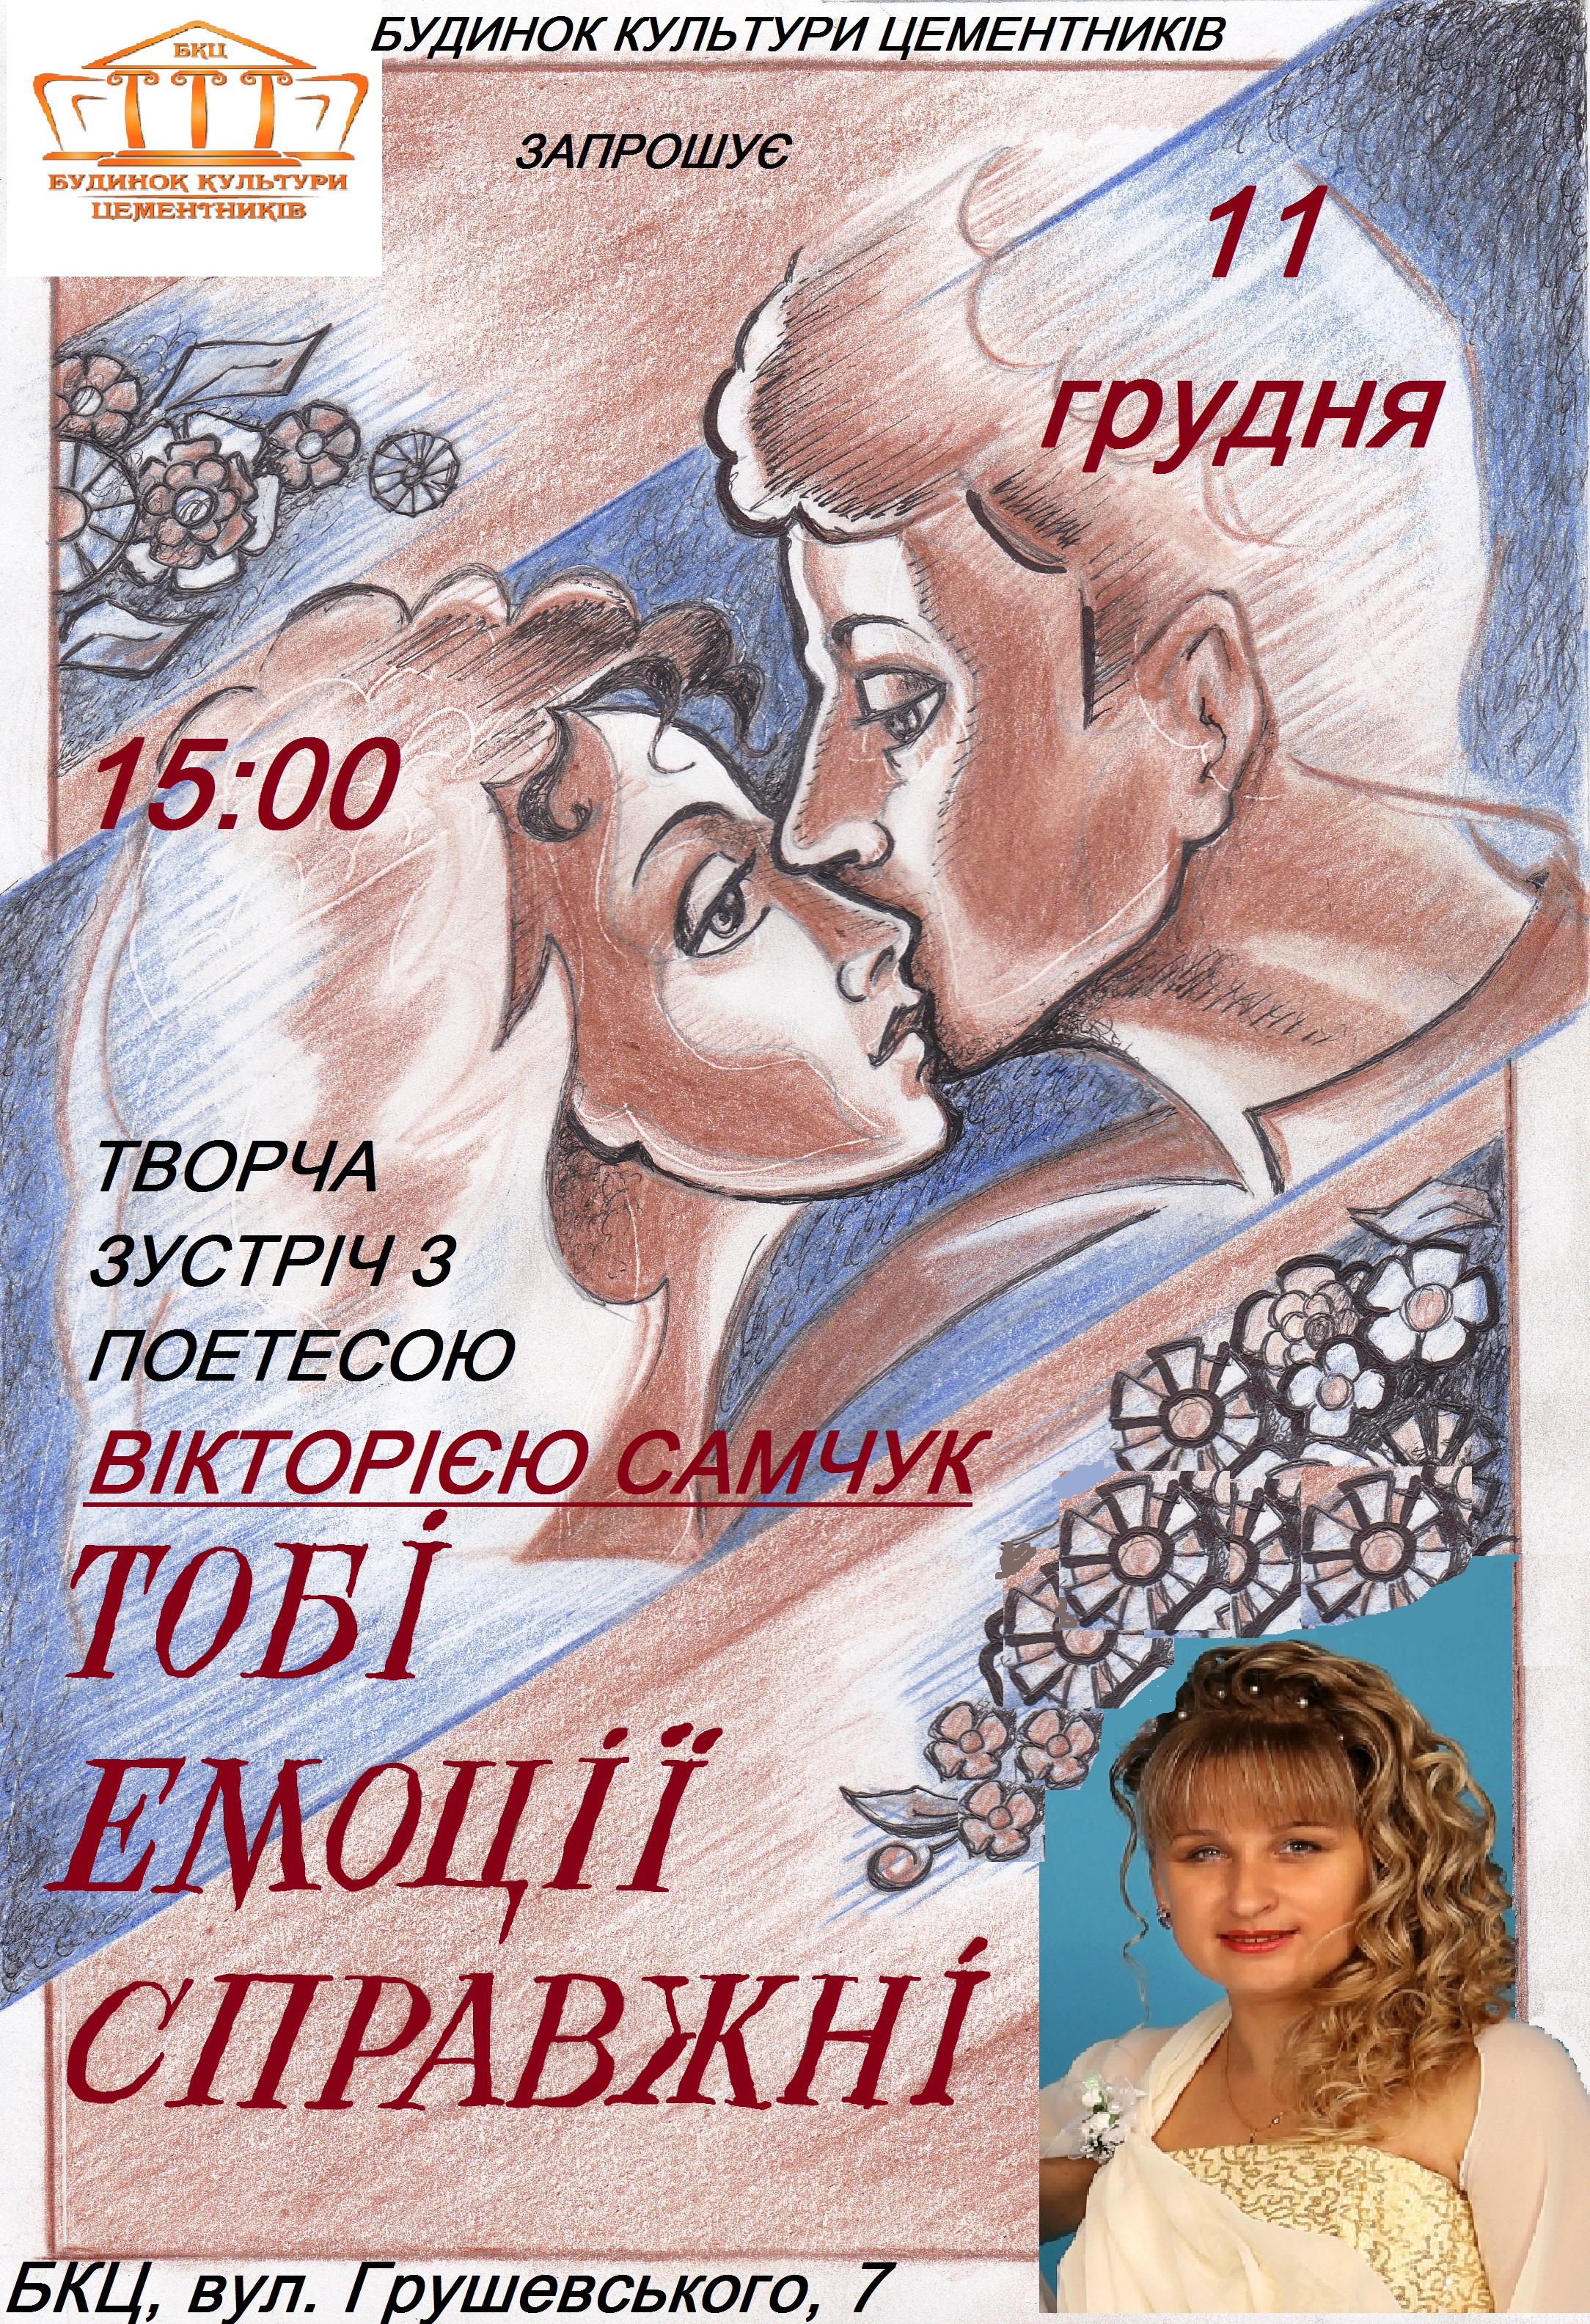 Концерт Вікторії Самчук «Тобі емоції справжні»